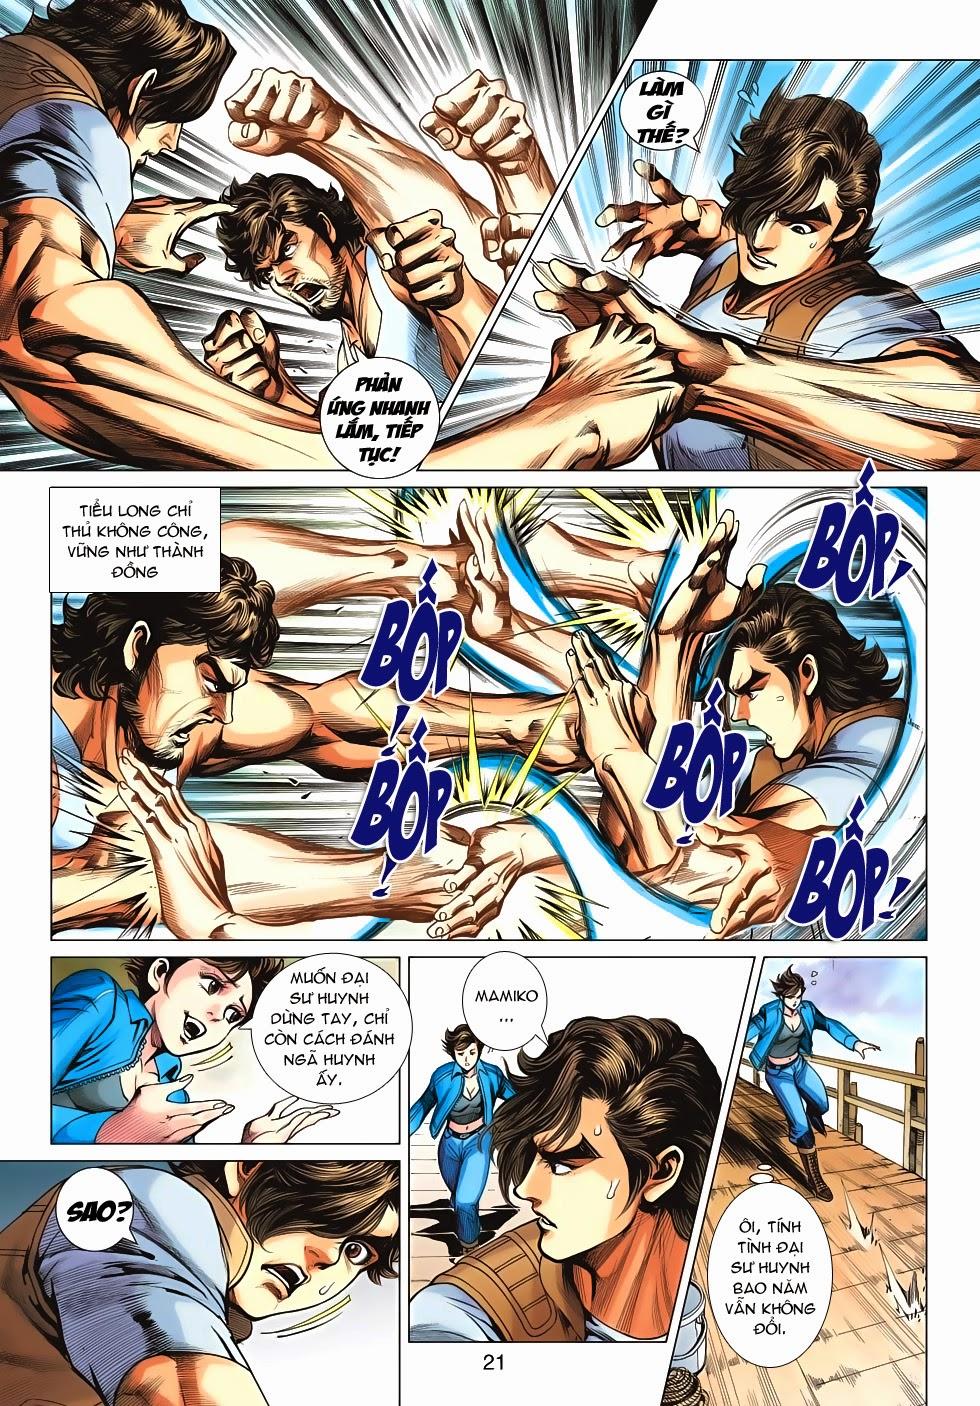 Tân Tác Long Hổ Môn chap 626 - Trang 21